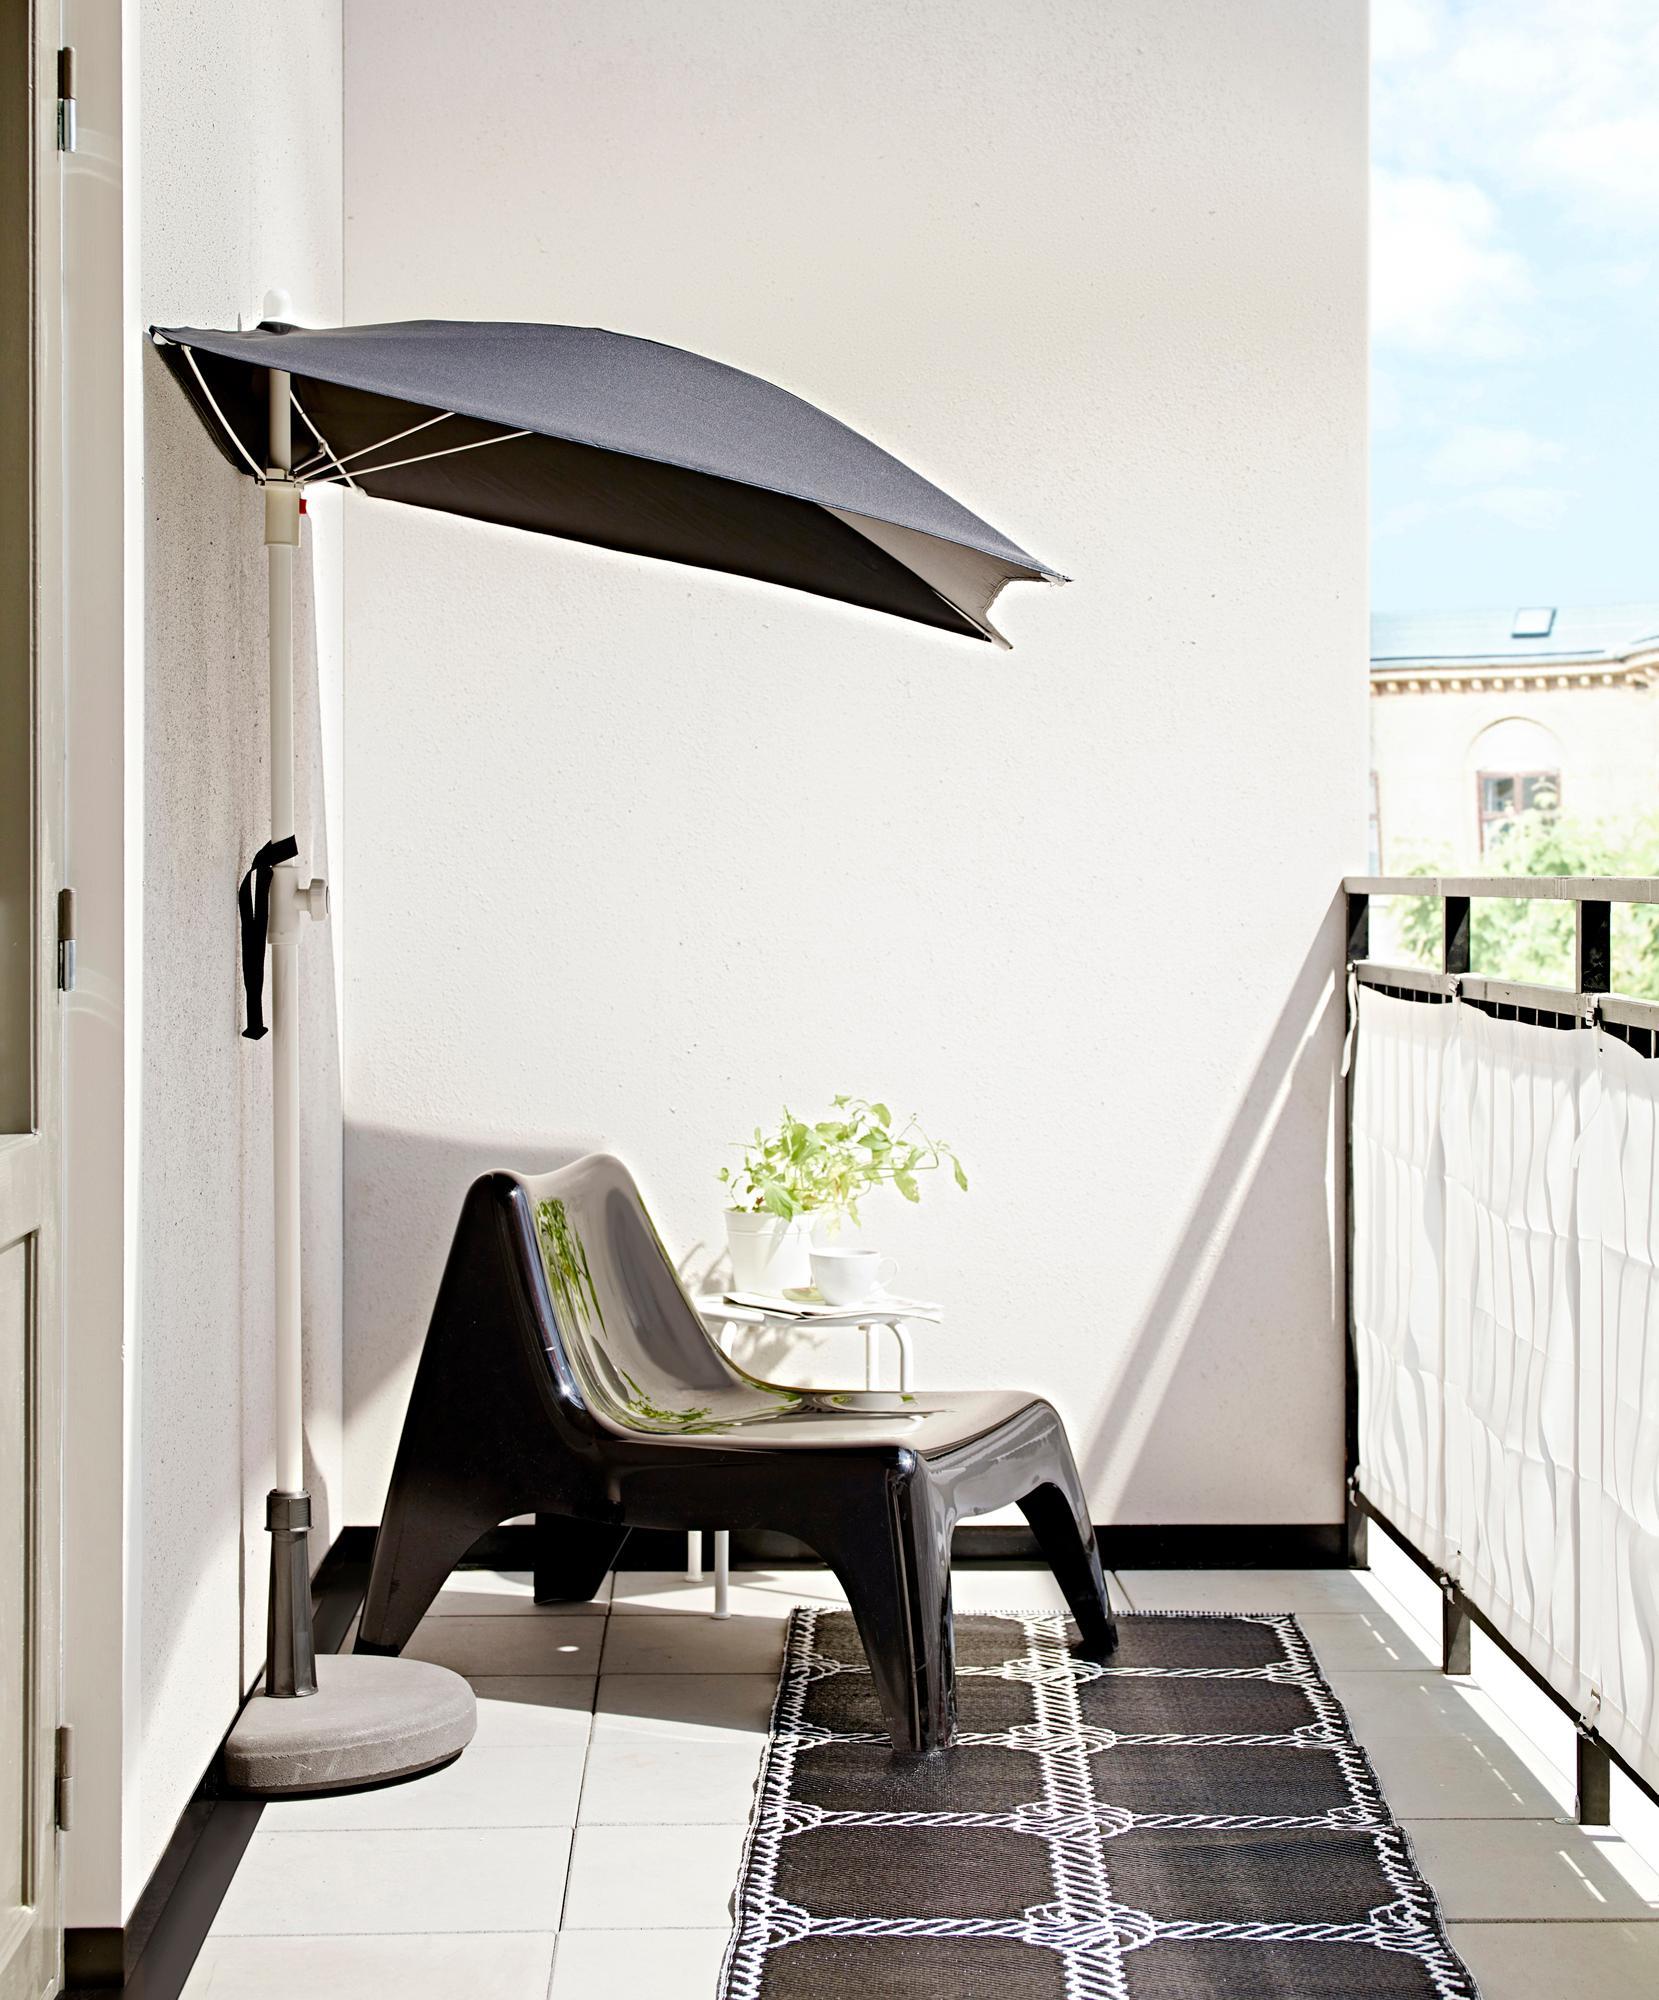 Sonnenschirm Und Lounge Chair Teppich Ikea Sichts